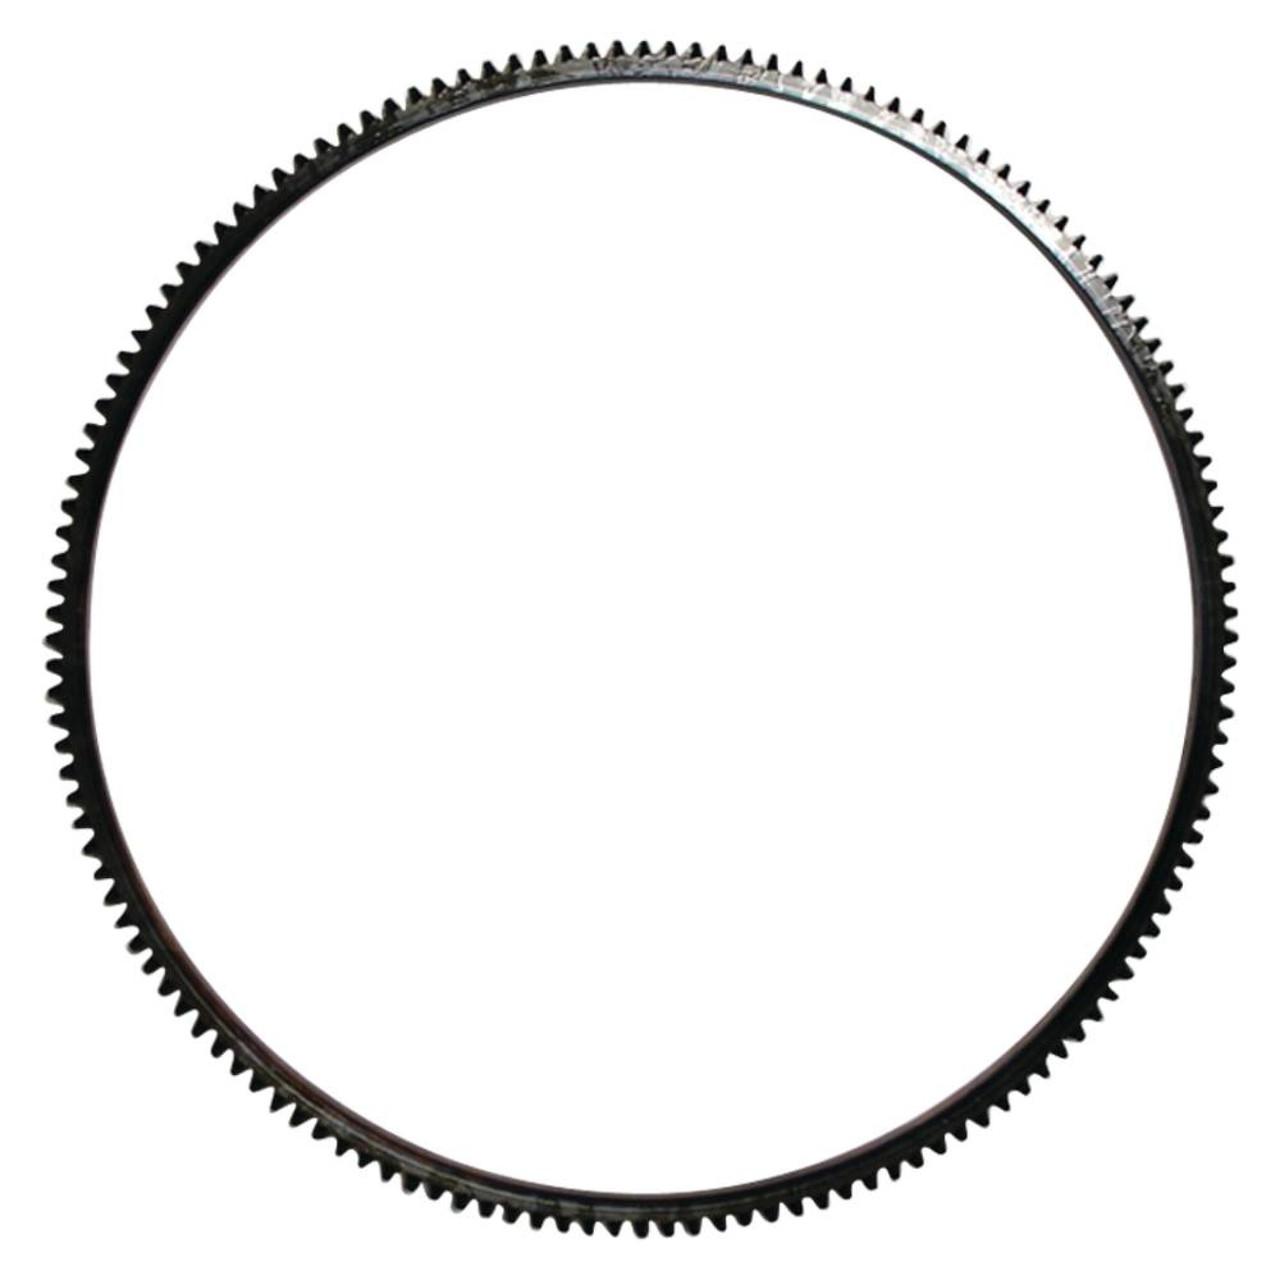 New Ring Gear For John Deere 1020, 1030, 1040, 1052